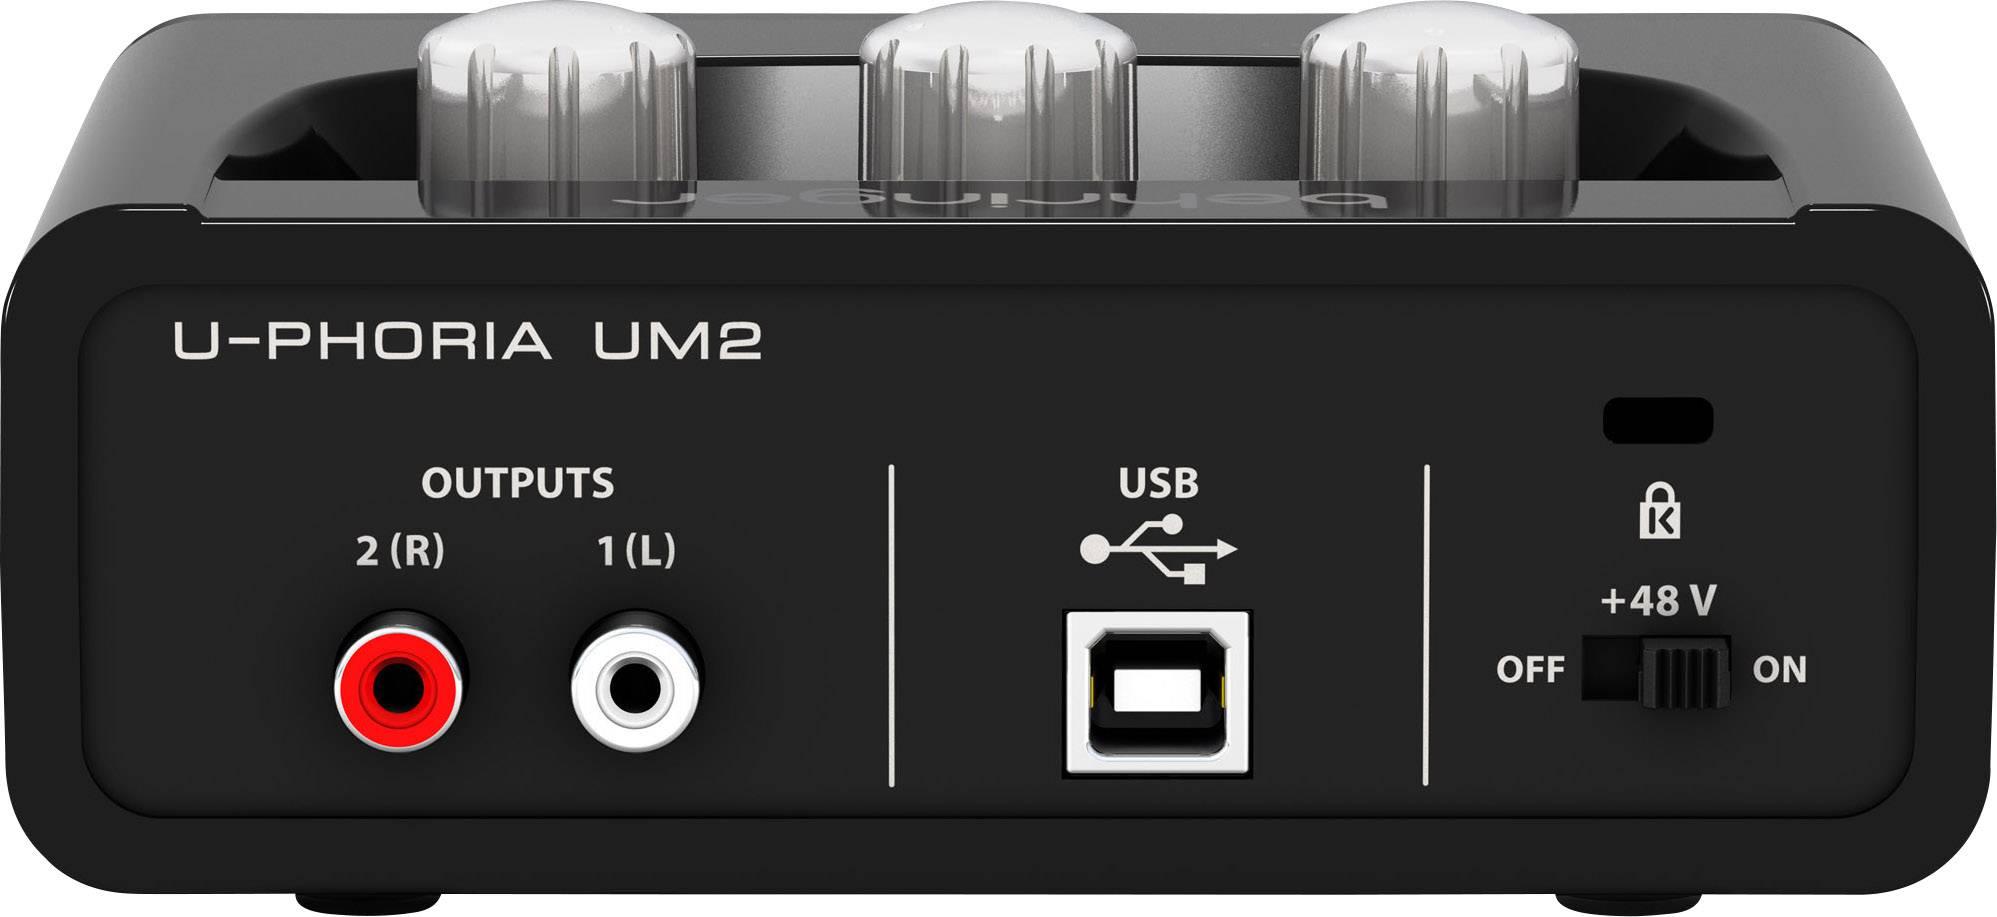 Audio interface Behringer UM2 Monitor controlling | Conrad.com